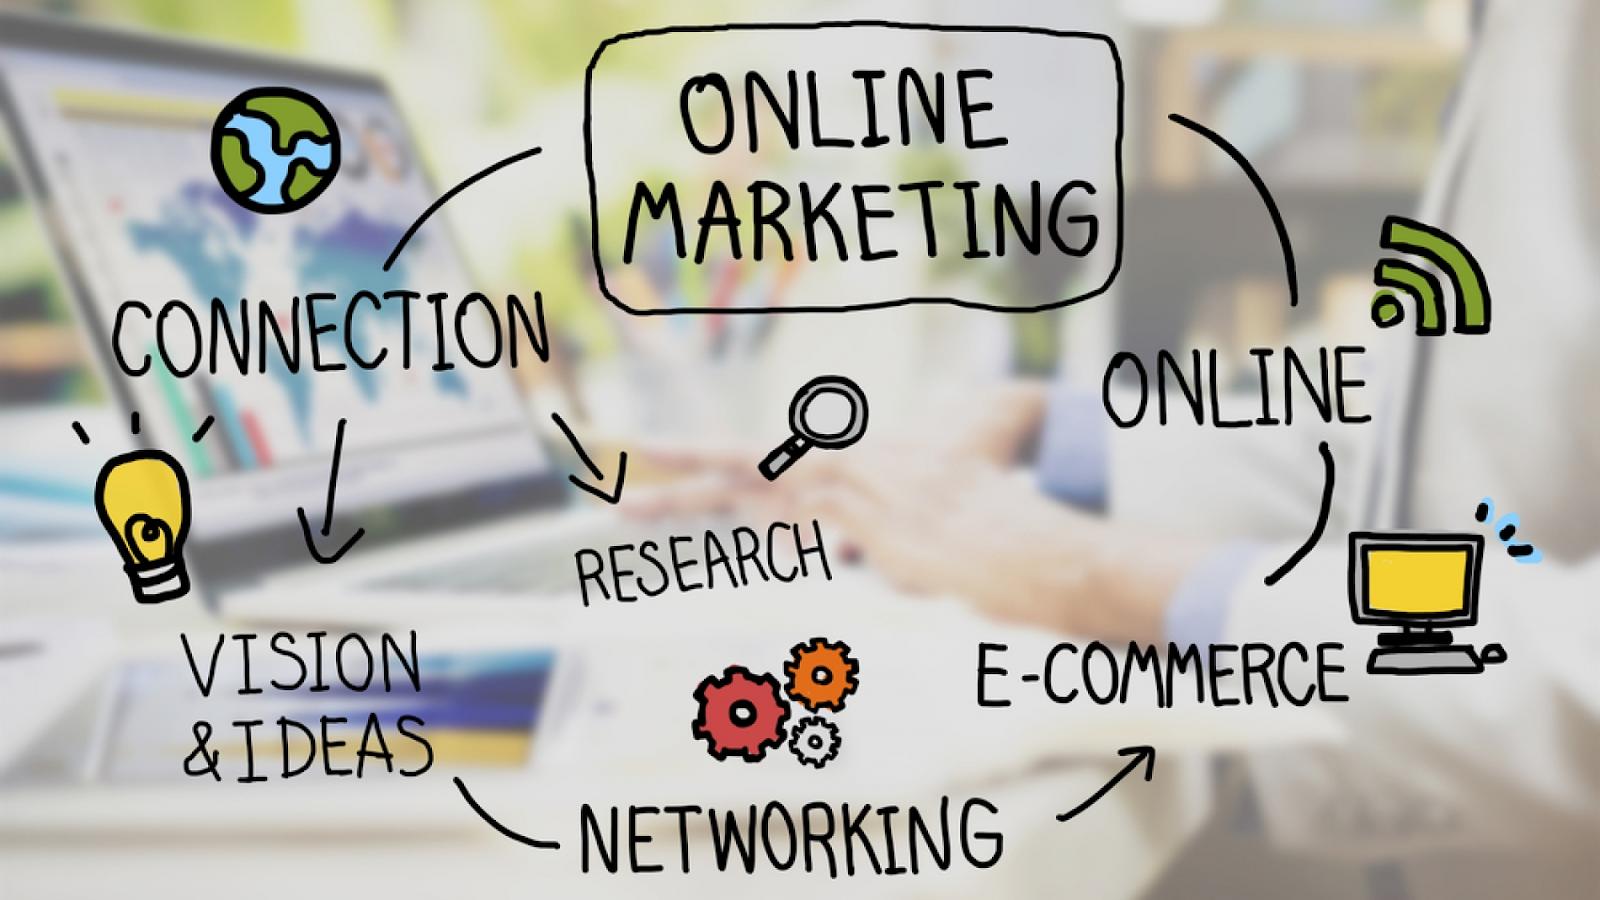 Trong lúc sale online thì việc khảo sát một lời phàn nàn người tiêu dùng là rất quan trọng. Qua những chia sẻ, đánh giá của người tiêu dùng các doanh nghiệp có thể biết mình nên tốt lên những gì, kéo dài những gì.